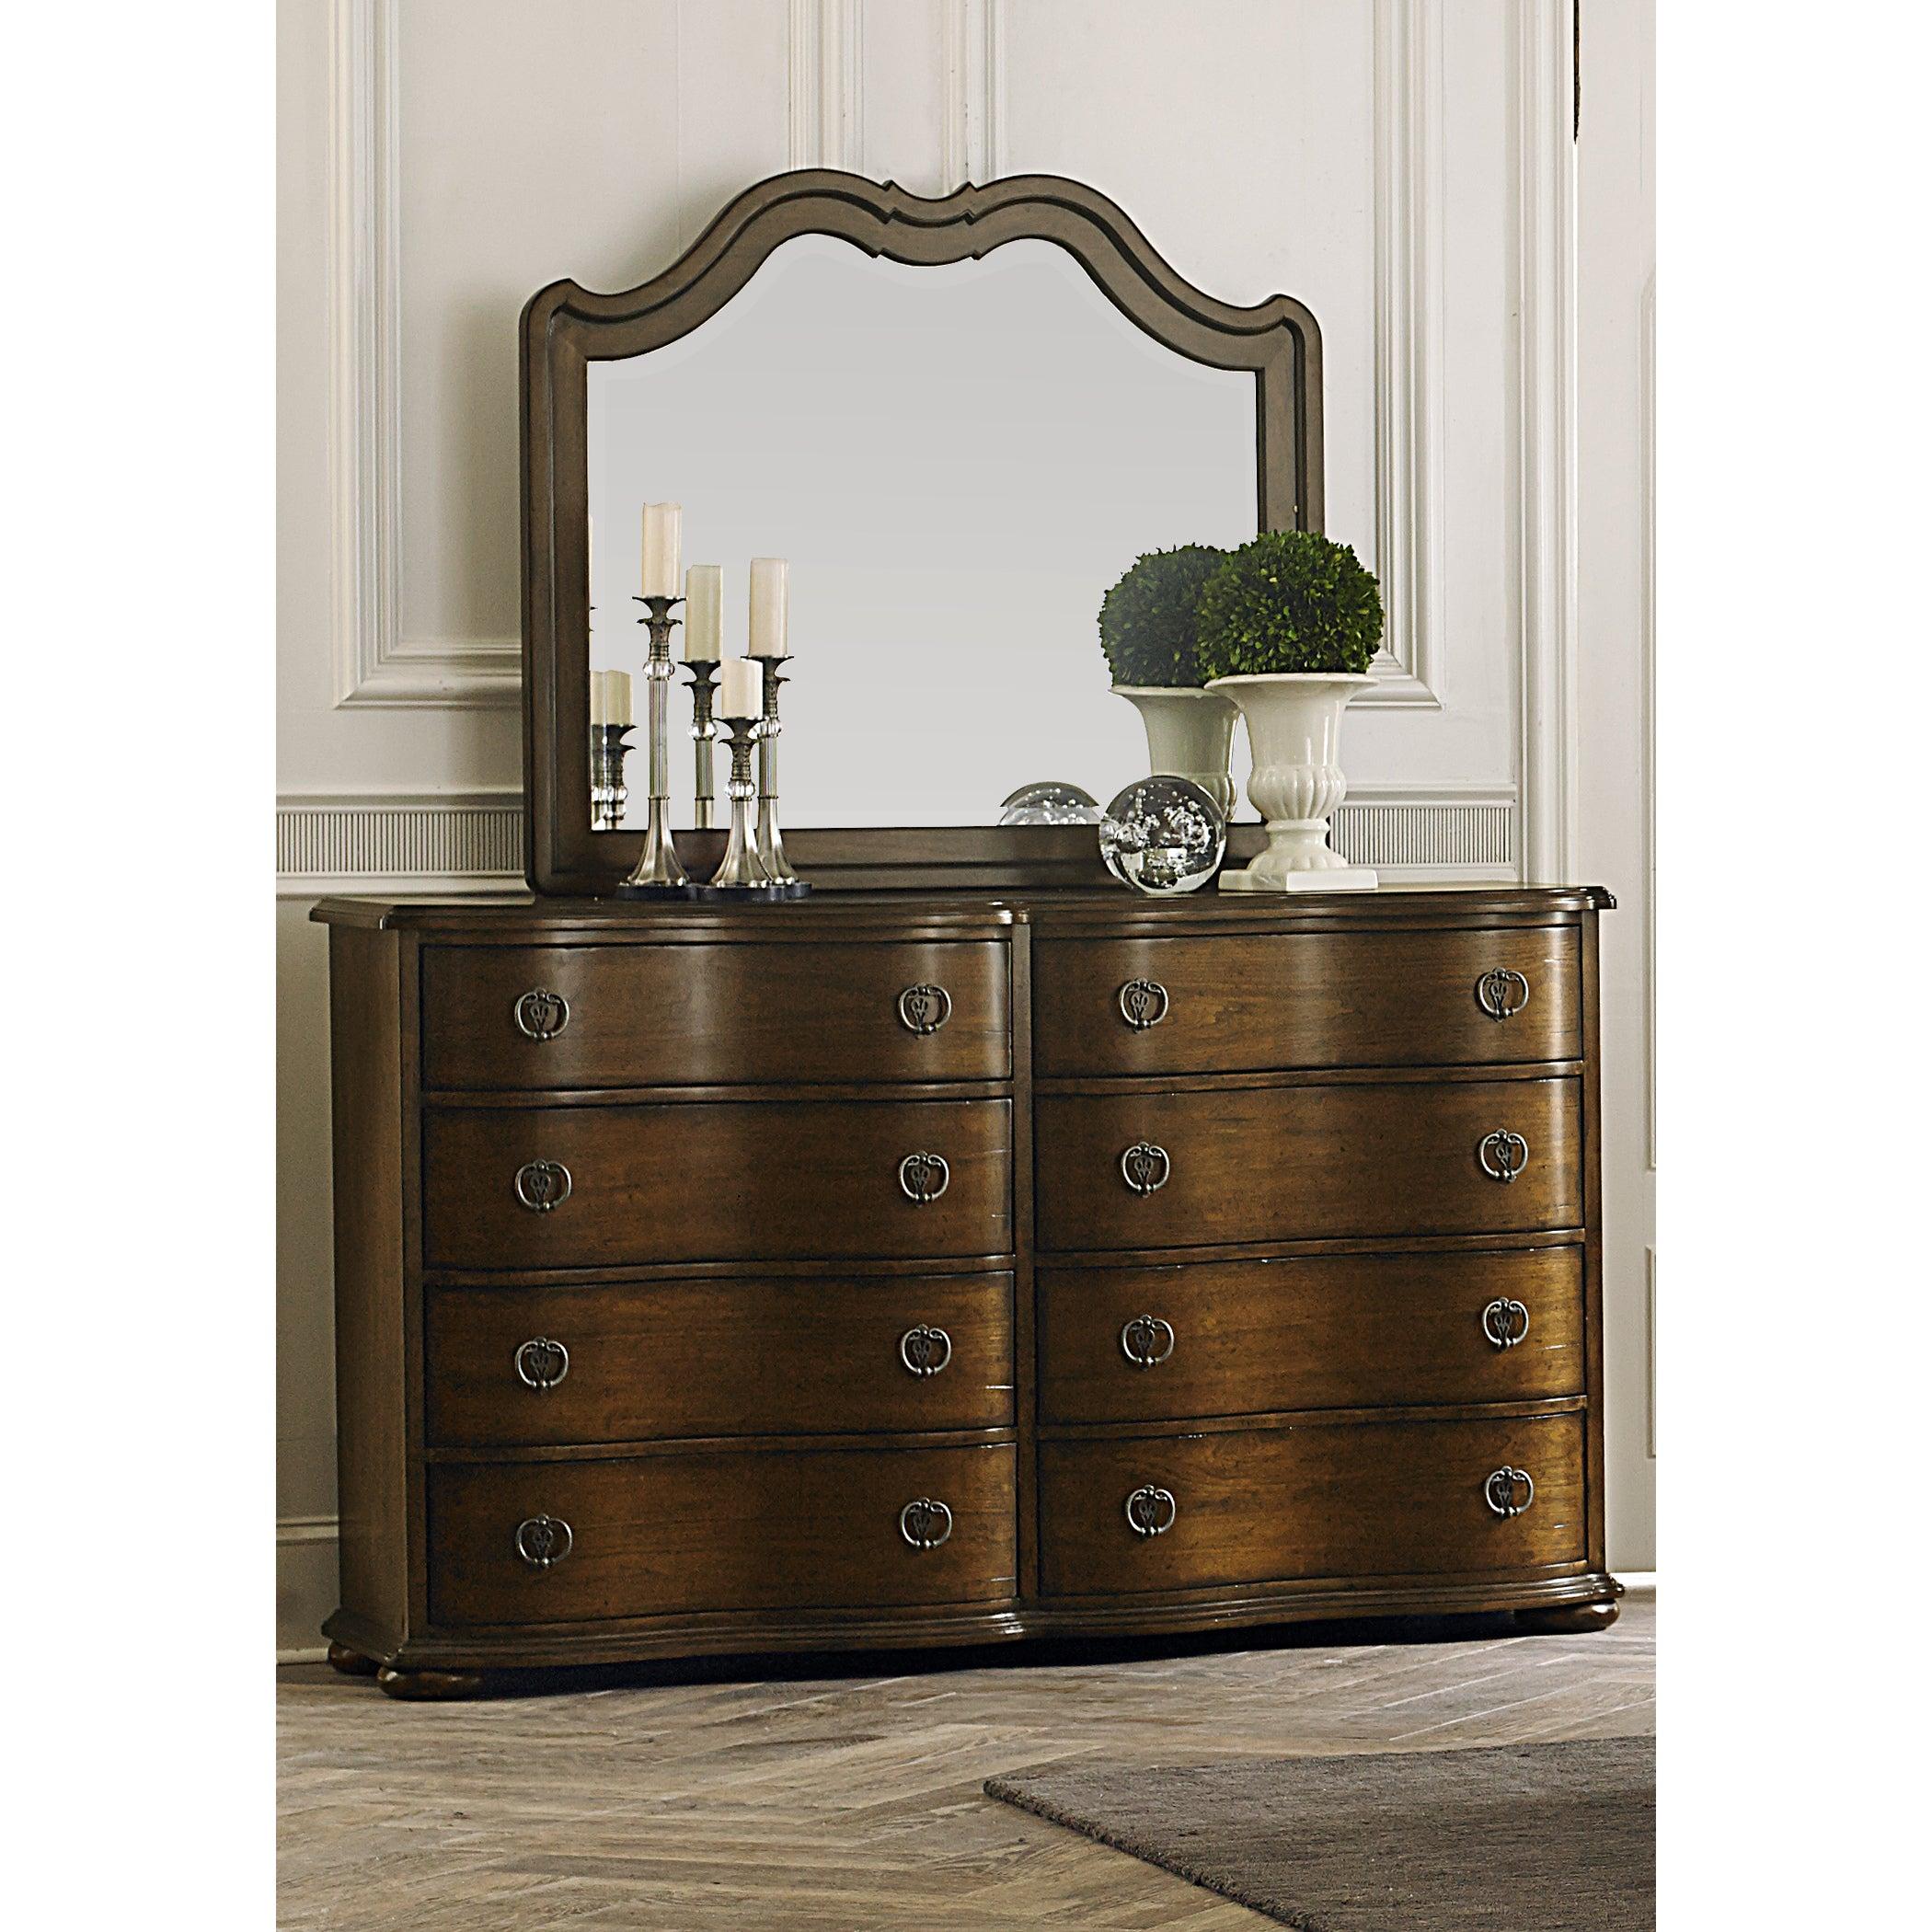 Shop Cotsworld Serpentine Shaped 8-Drawer Dresser& Mirror ...